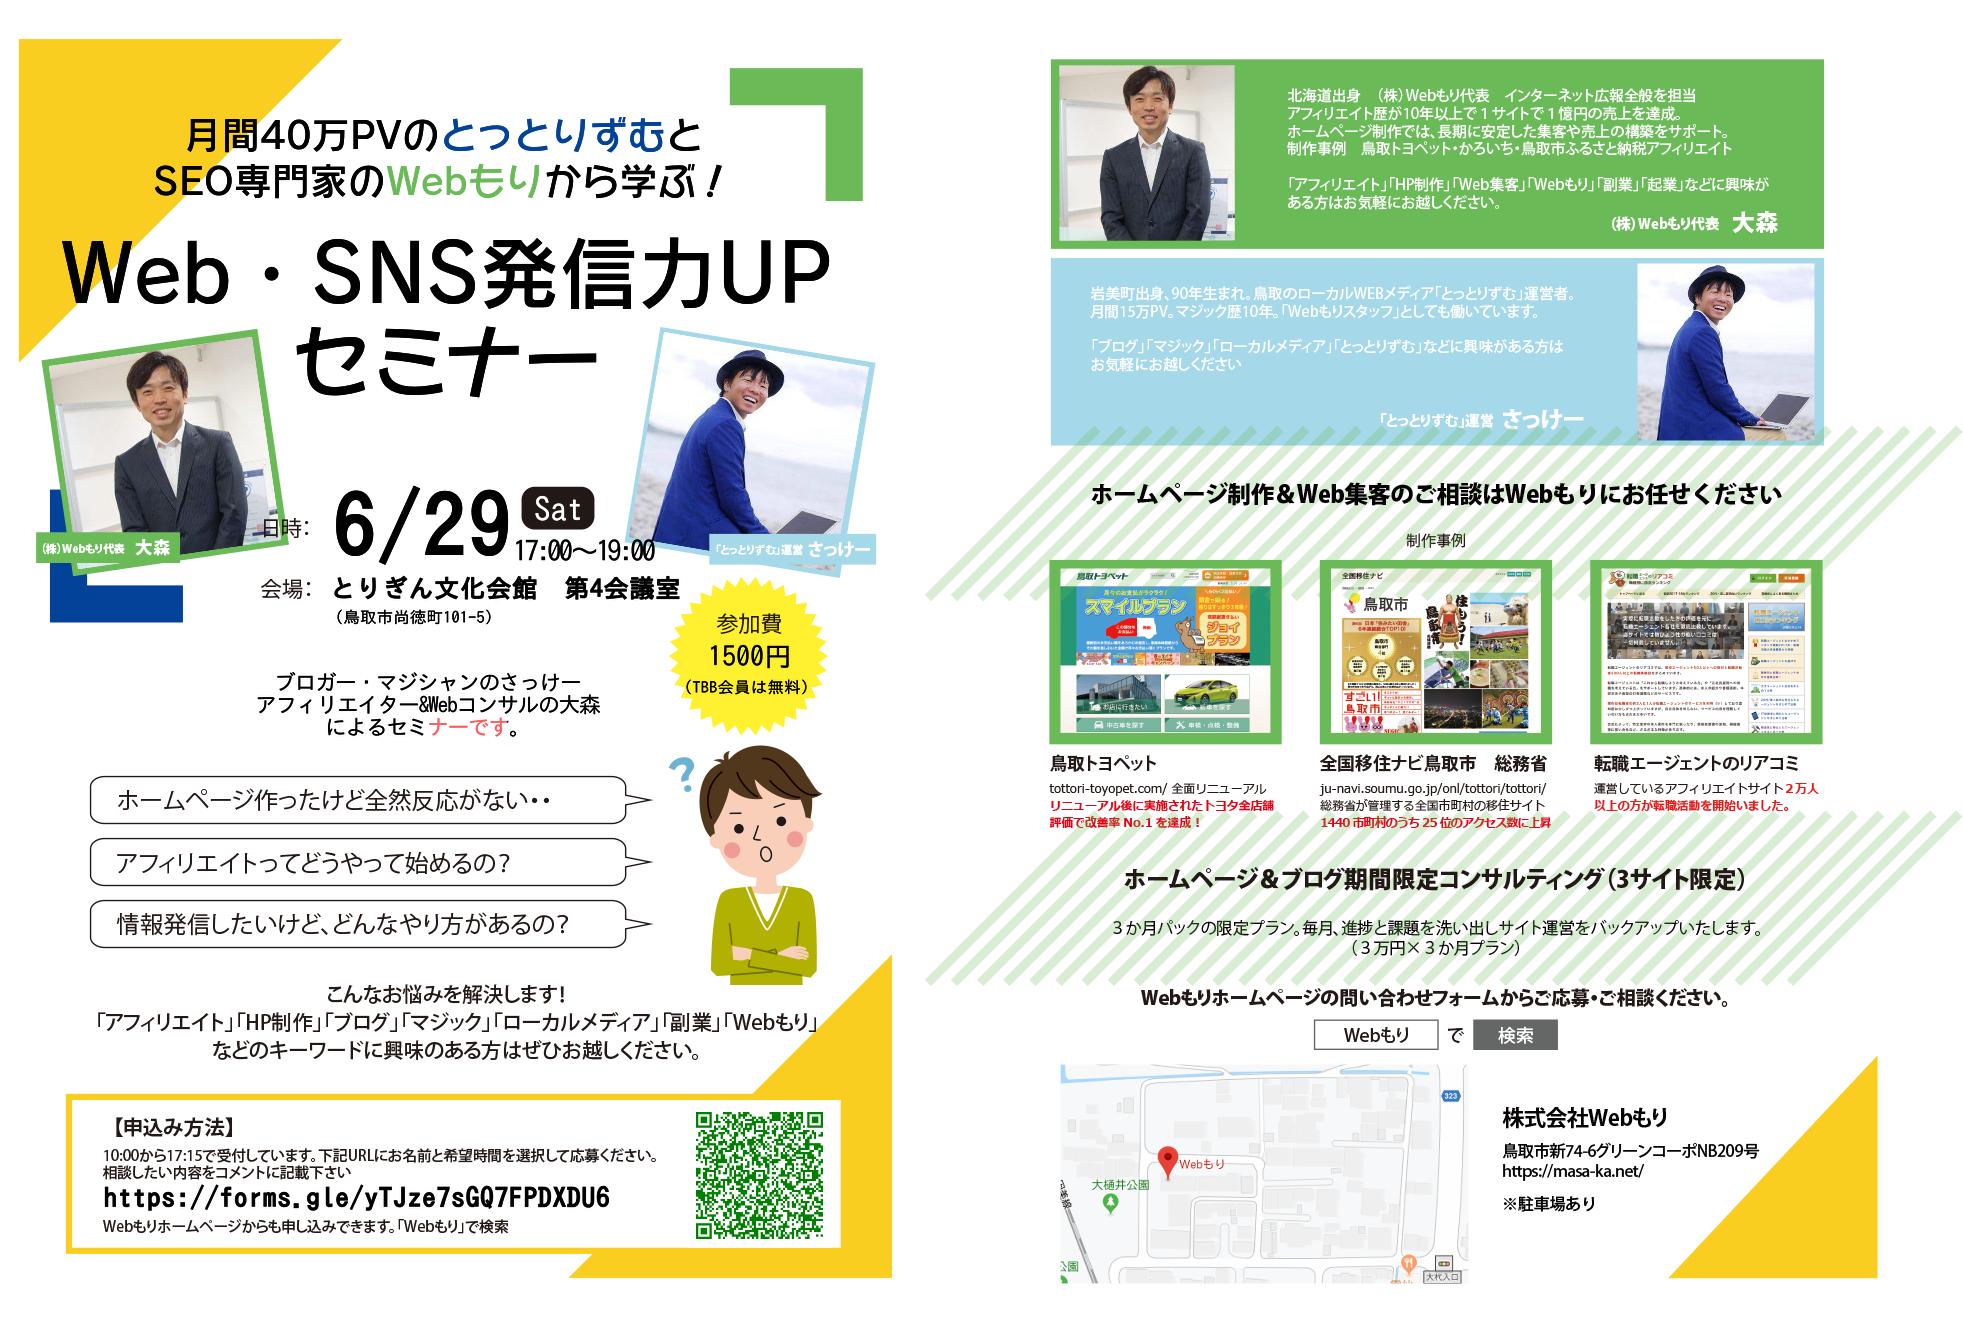 「月間40万PVのとっとりずむとSEO専門家のWebもりから学ぶ!Web・SNS発信力UPセミナー」開催のお知らせ【6月29日(土)】